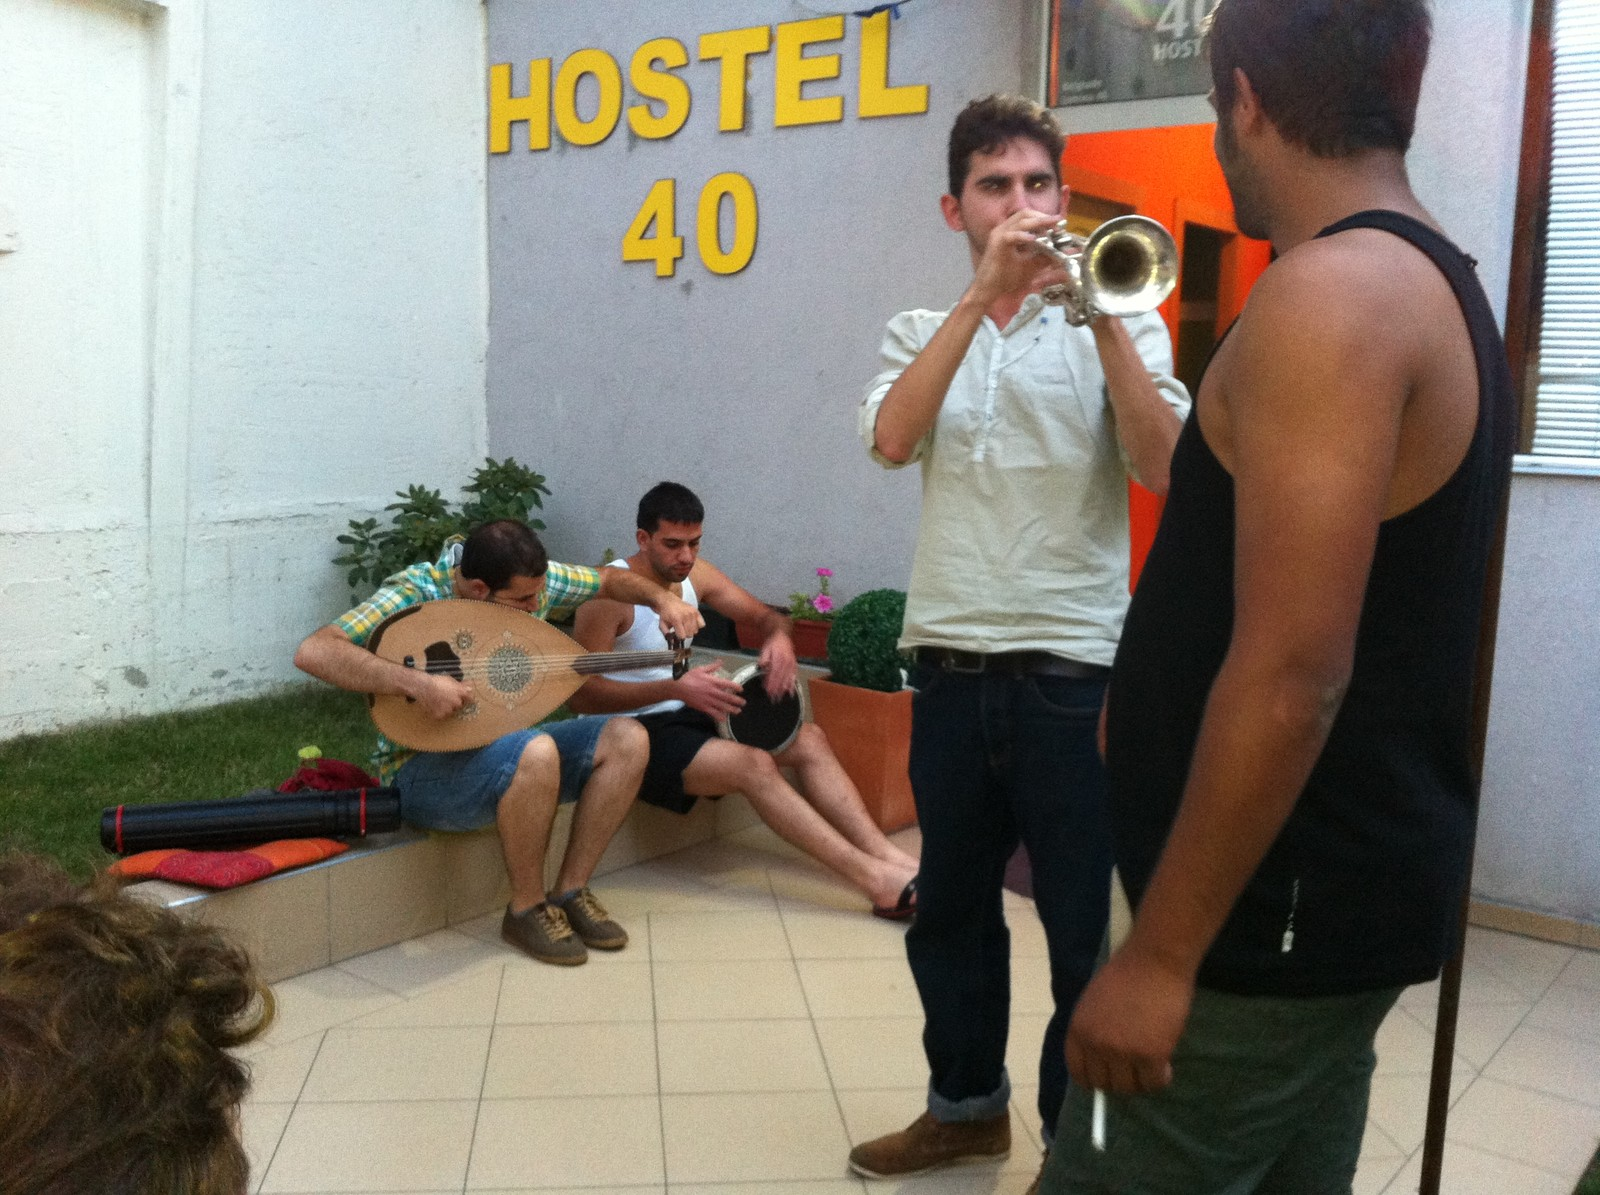 2012: Jungeltelegrafen henger med unge musikere i Beograd, Serbia.